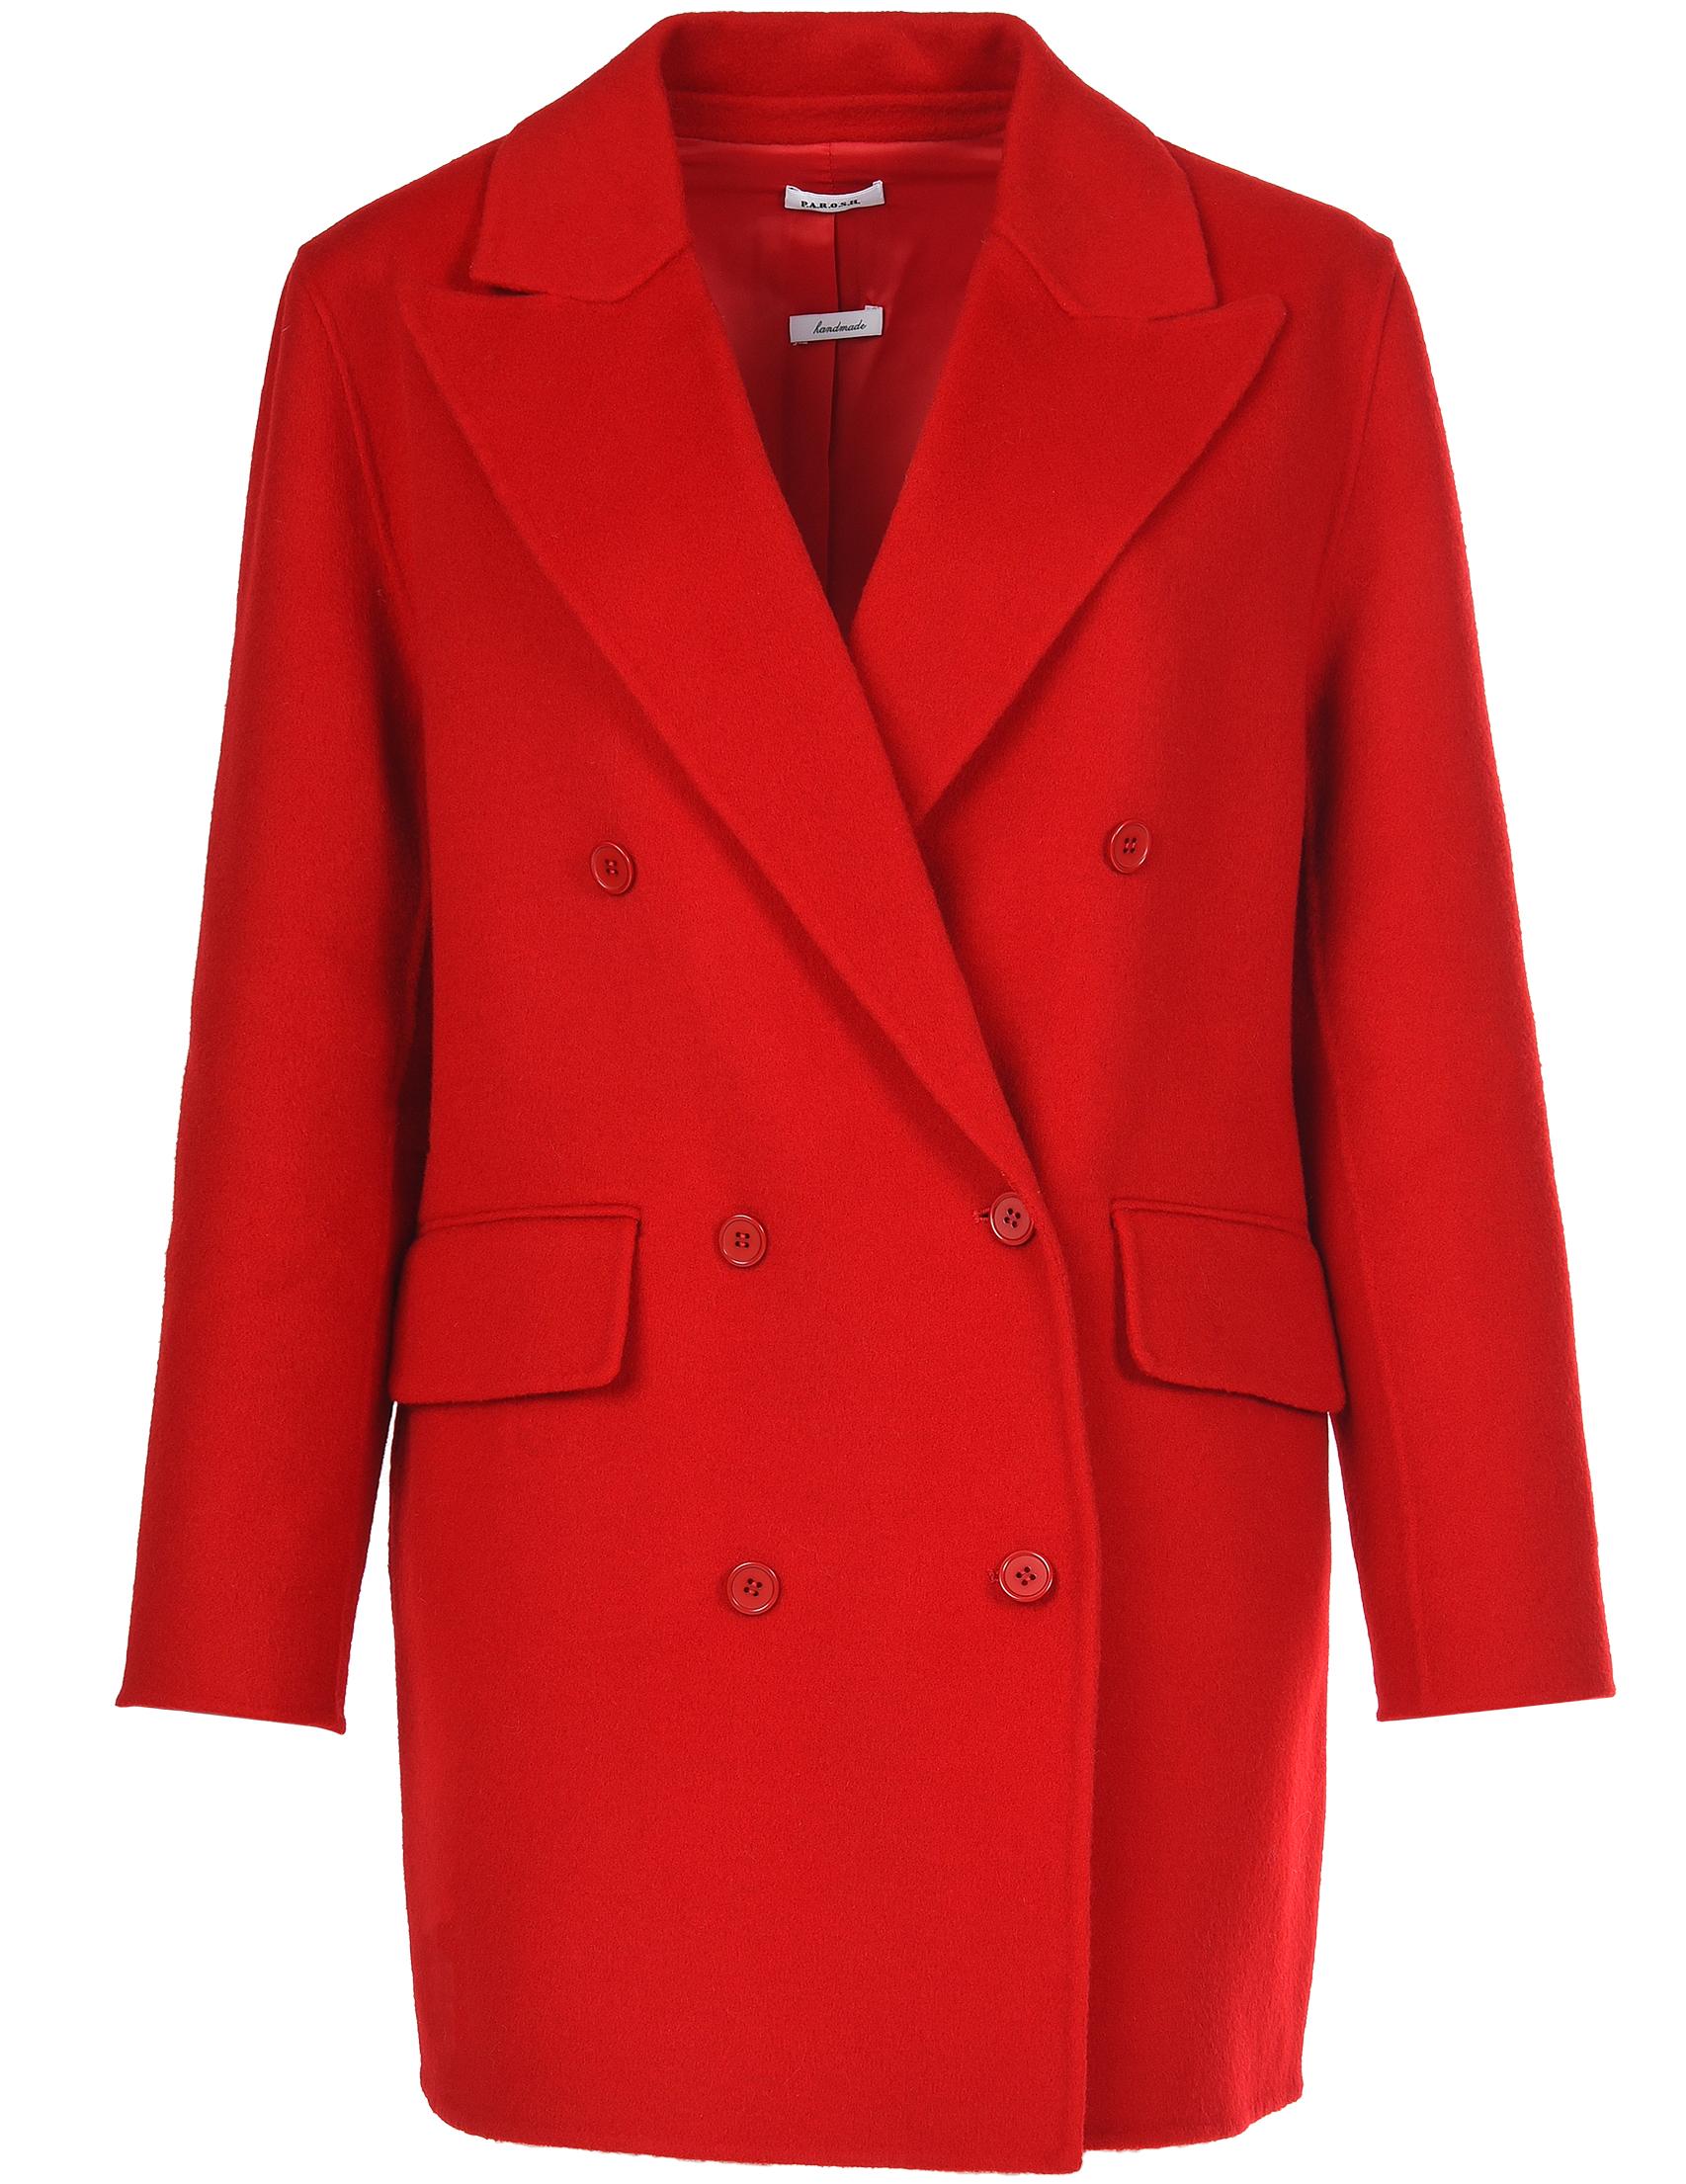 Купить Пальто, P.A.R.O.S.H., Красный, 100%Шерсть;100%Полиэстер, Осень-Зима